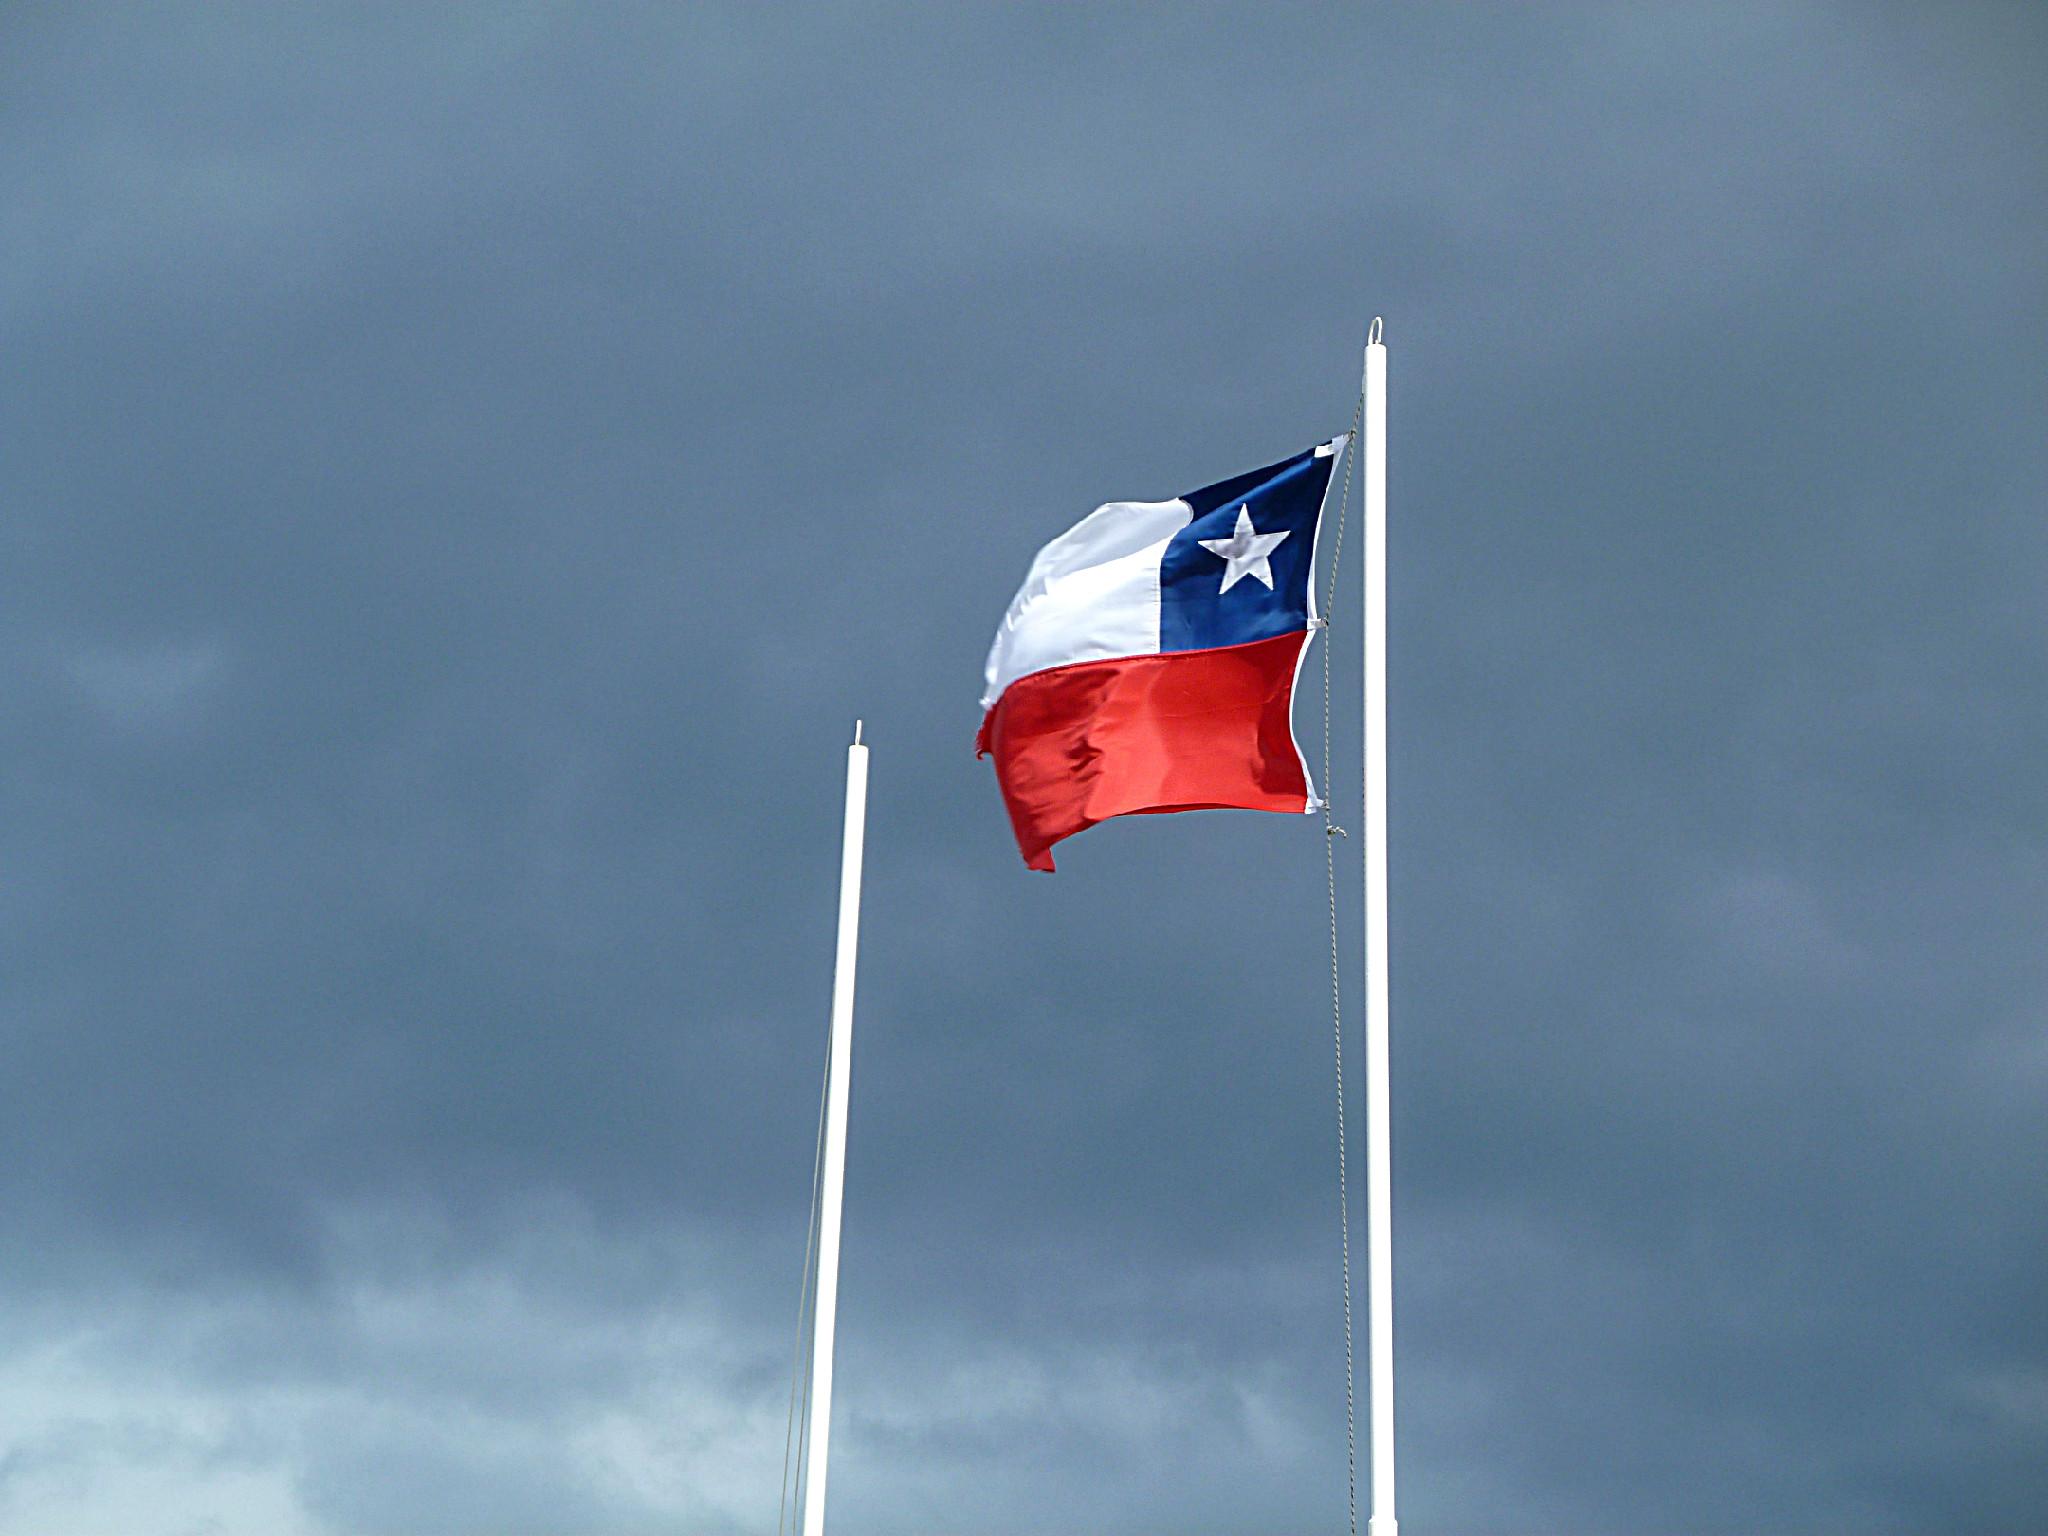 La bandiera del Cile